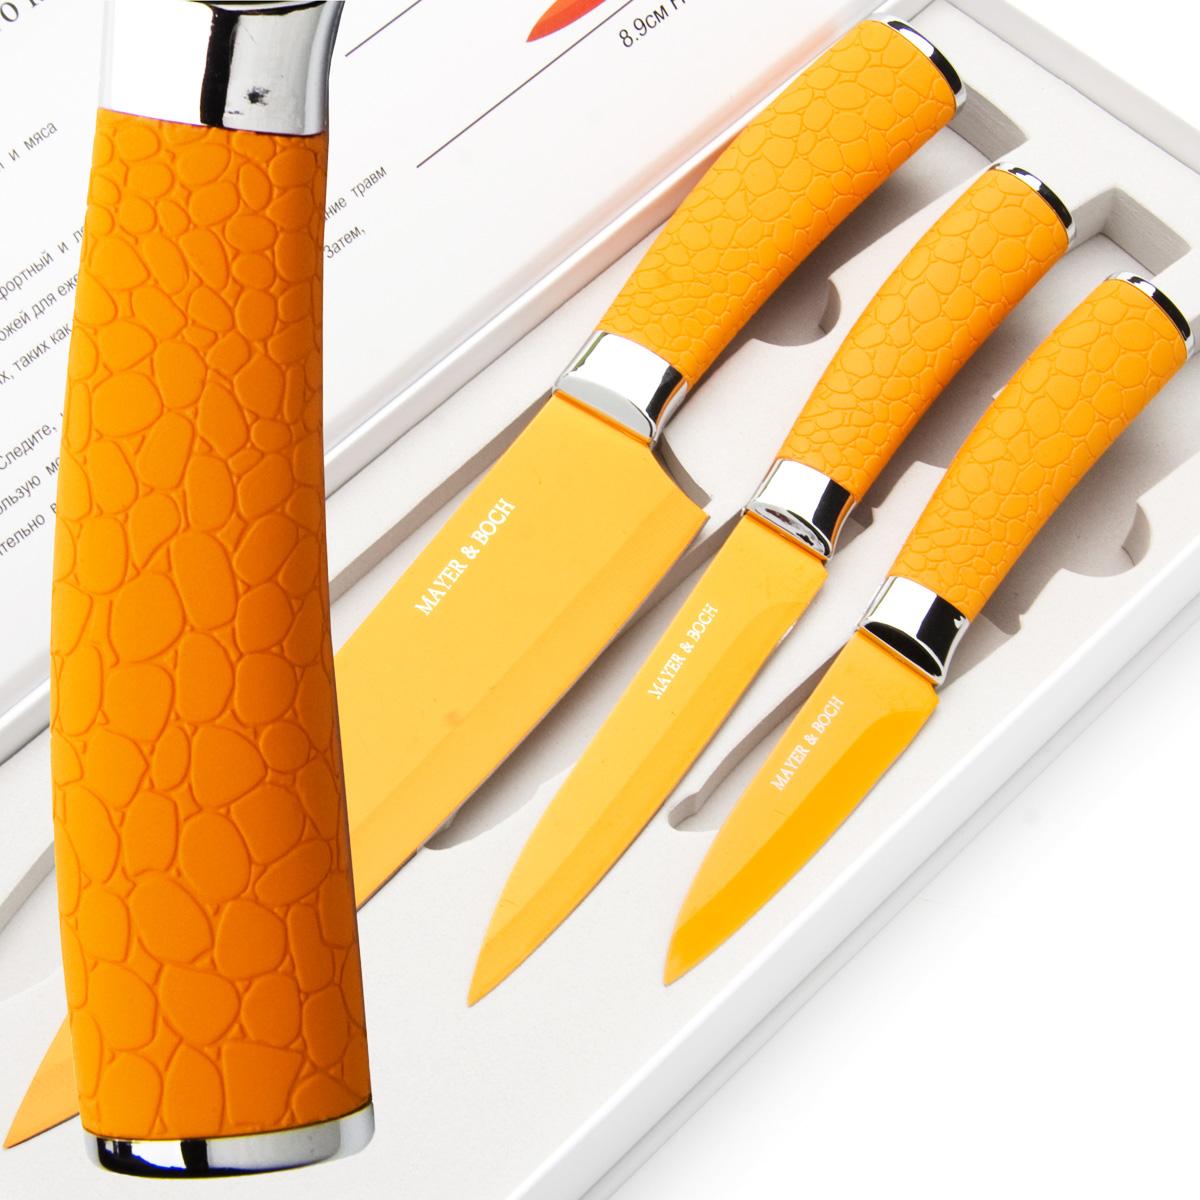 Набор ножей Mayer & Boch, цвет: оранжевый, 3 шт. 24146 набор ножей mayer